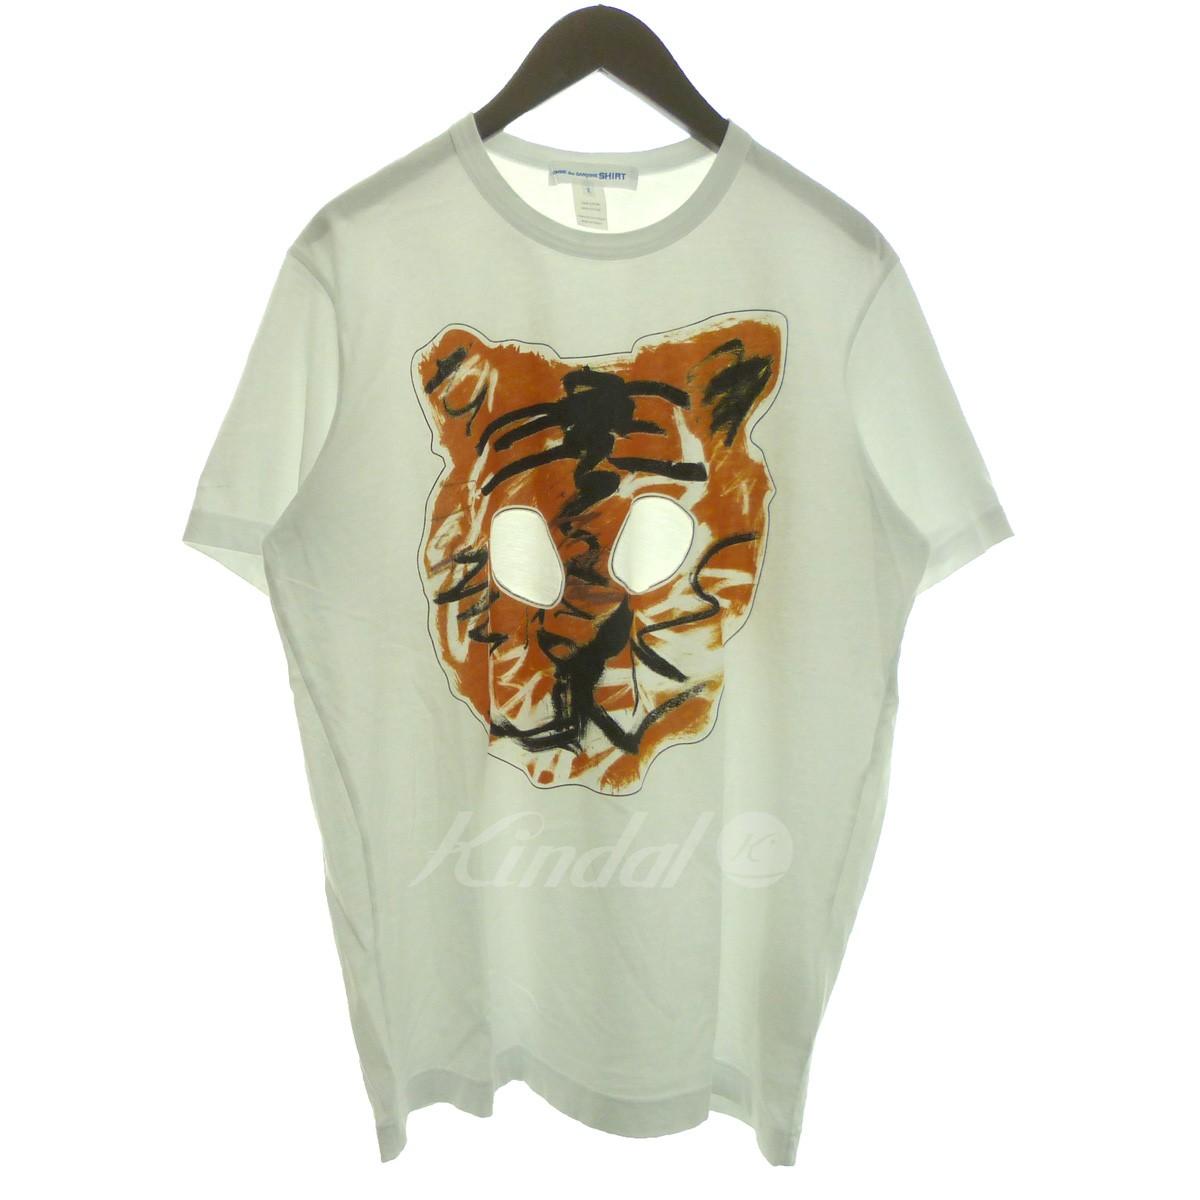 【中古】COMME des GARCONS SHIRT 19SS プリント加工Tシャツ ホワイト サイズ:X 【090419】(コムデギャルソンシャツ)